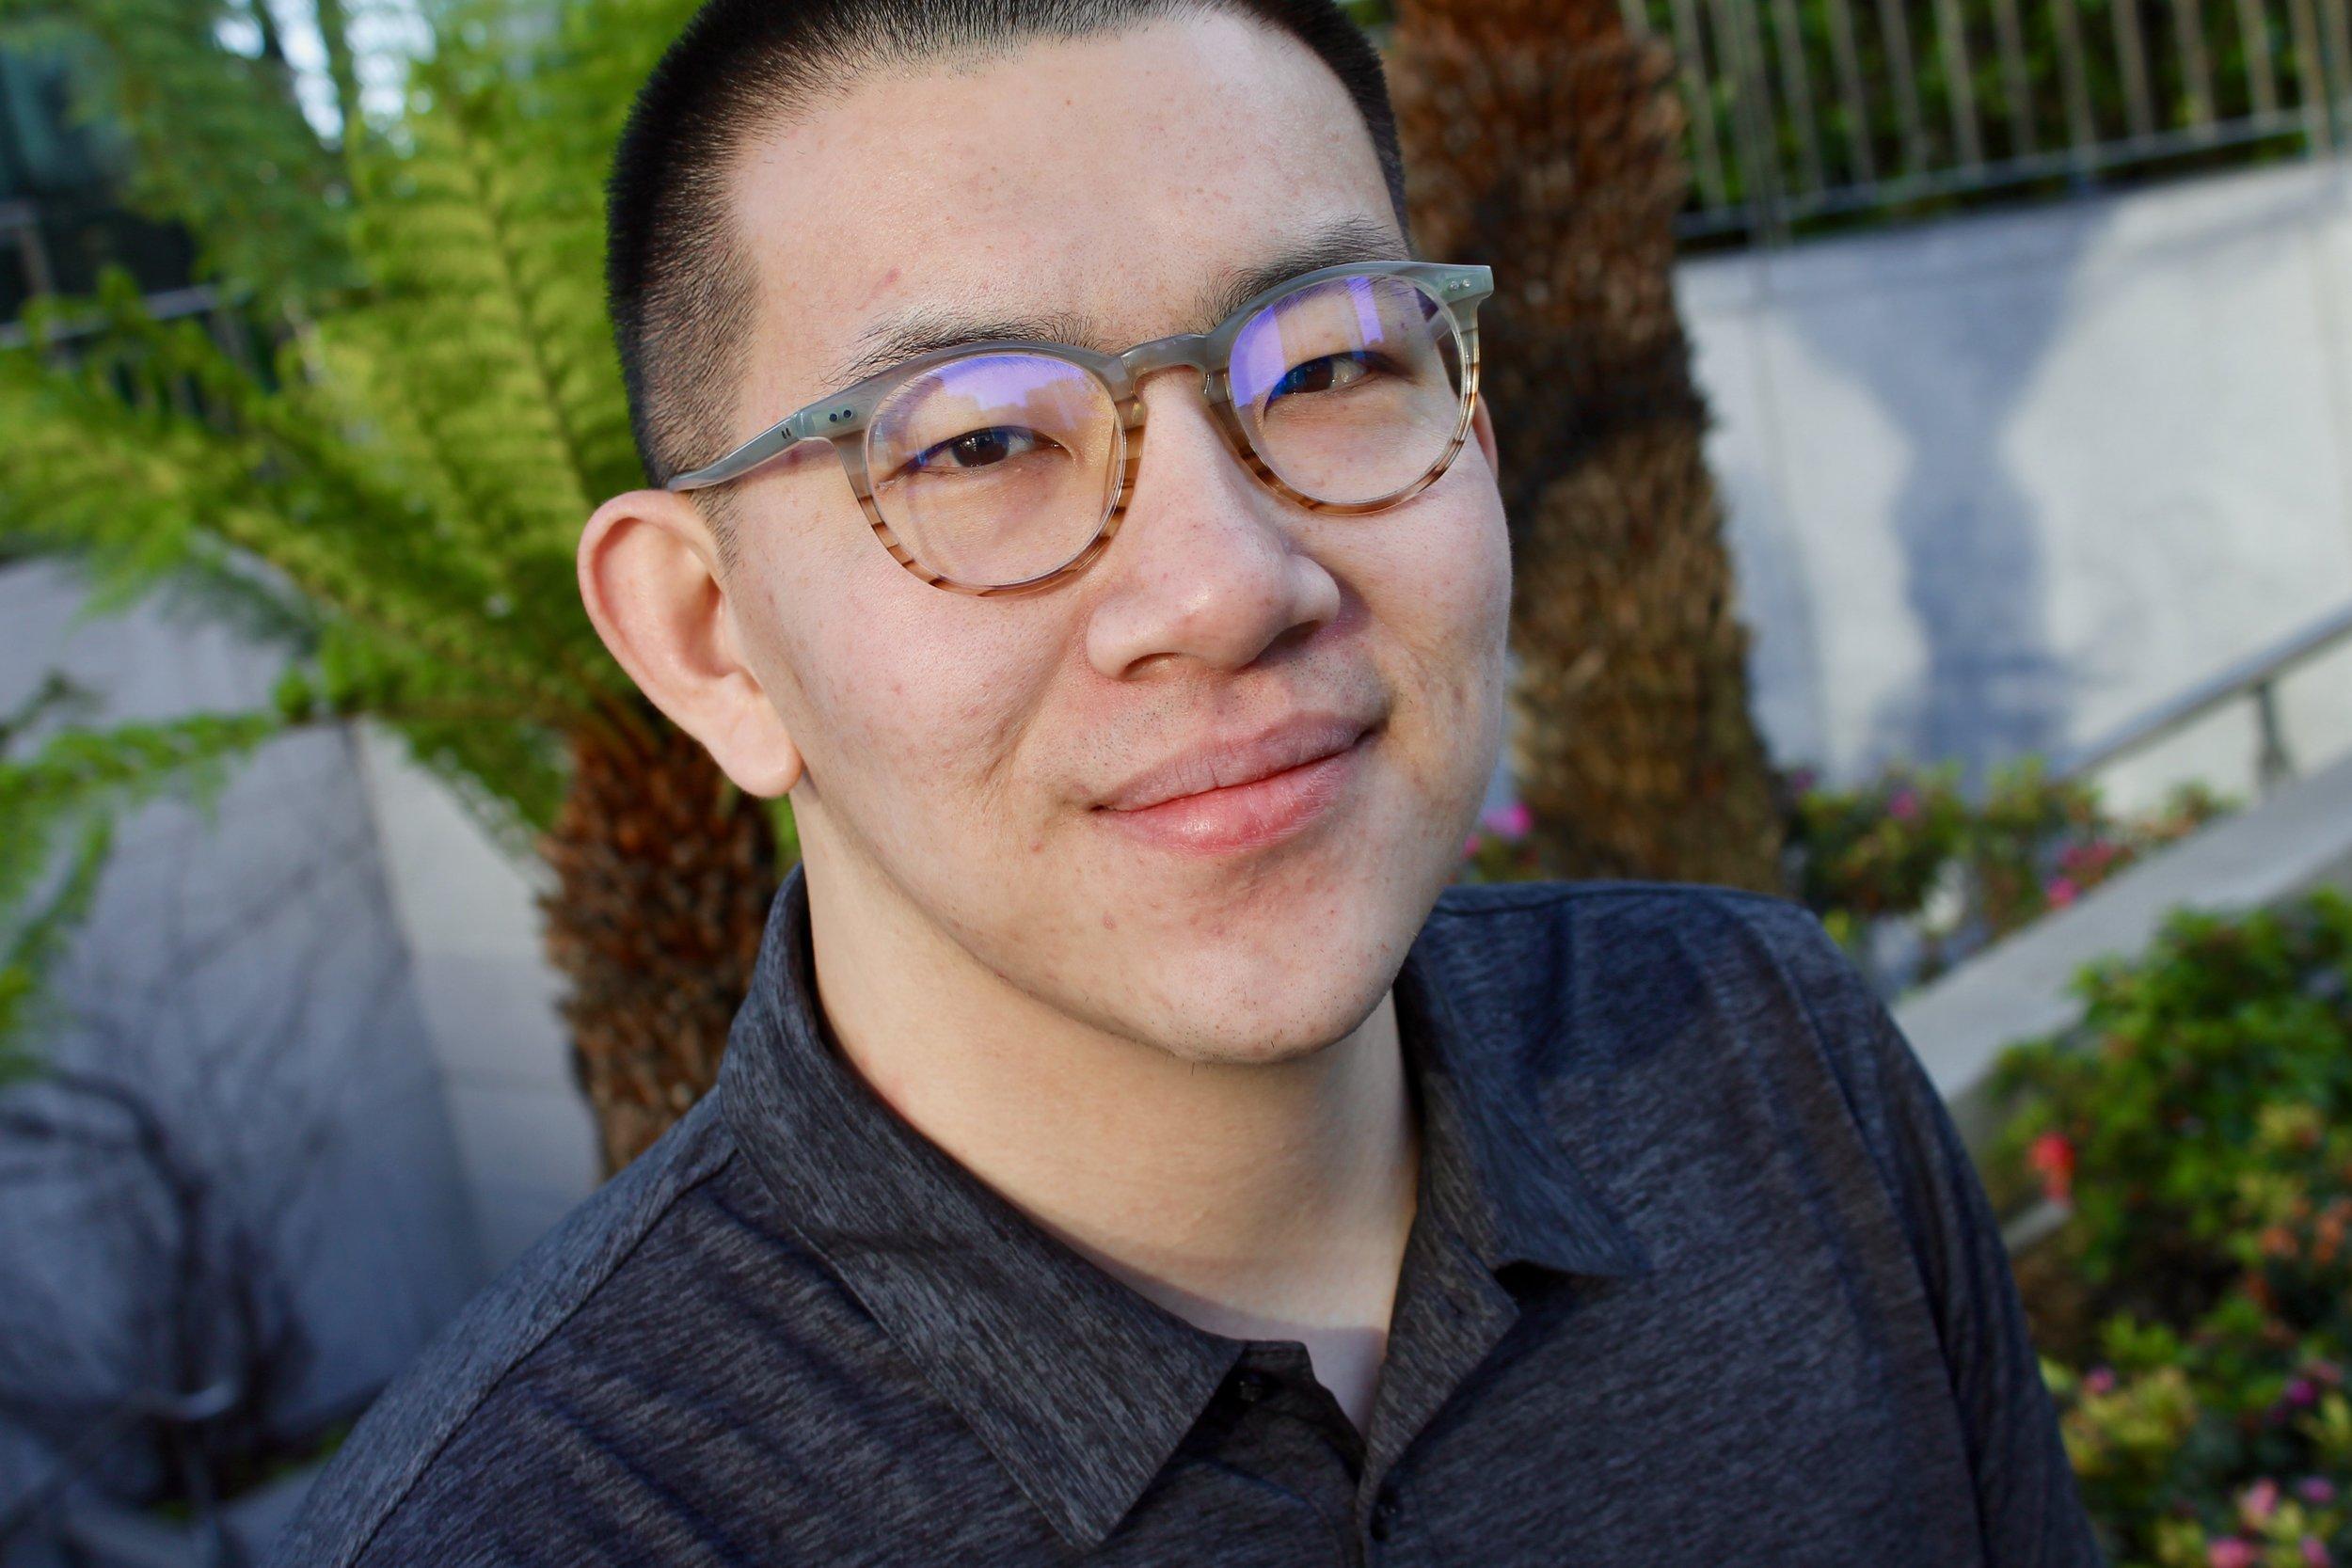 Jason Sheng Chuan Wang